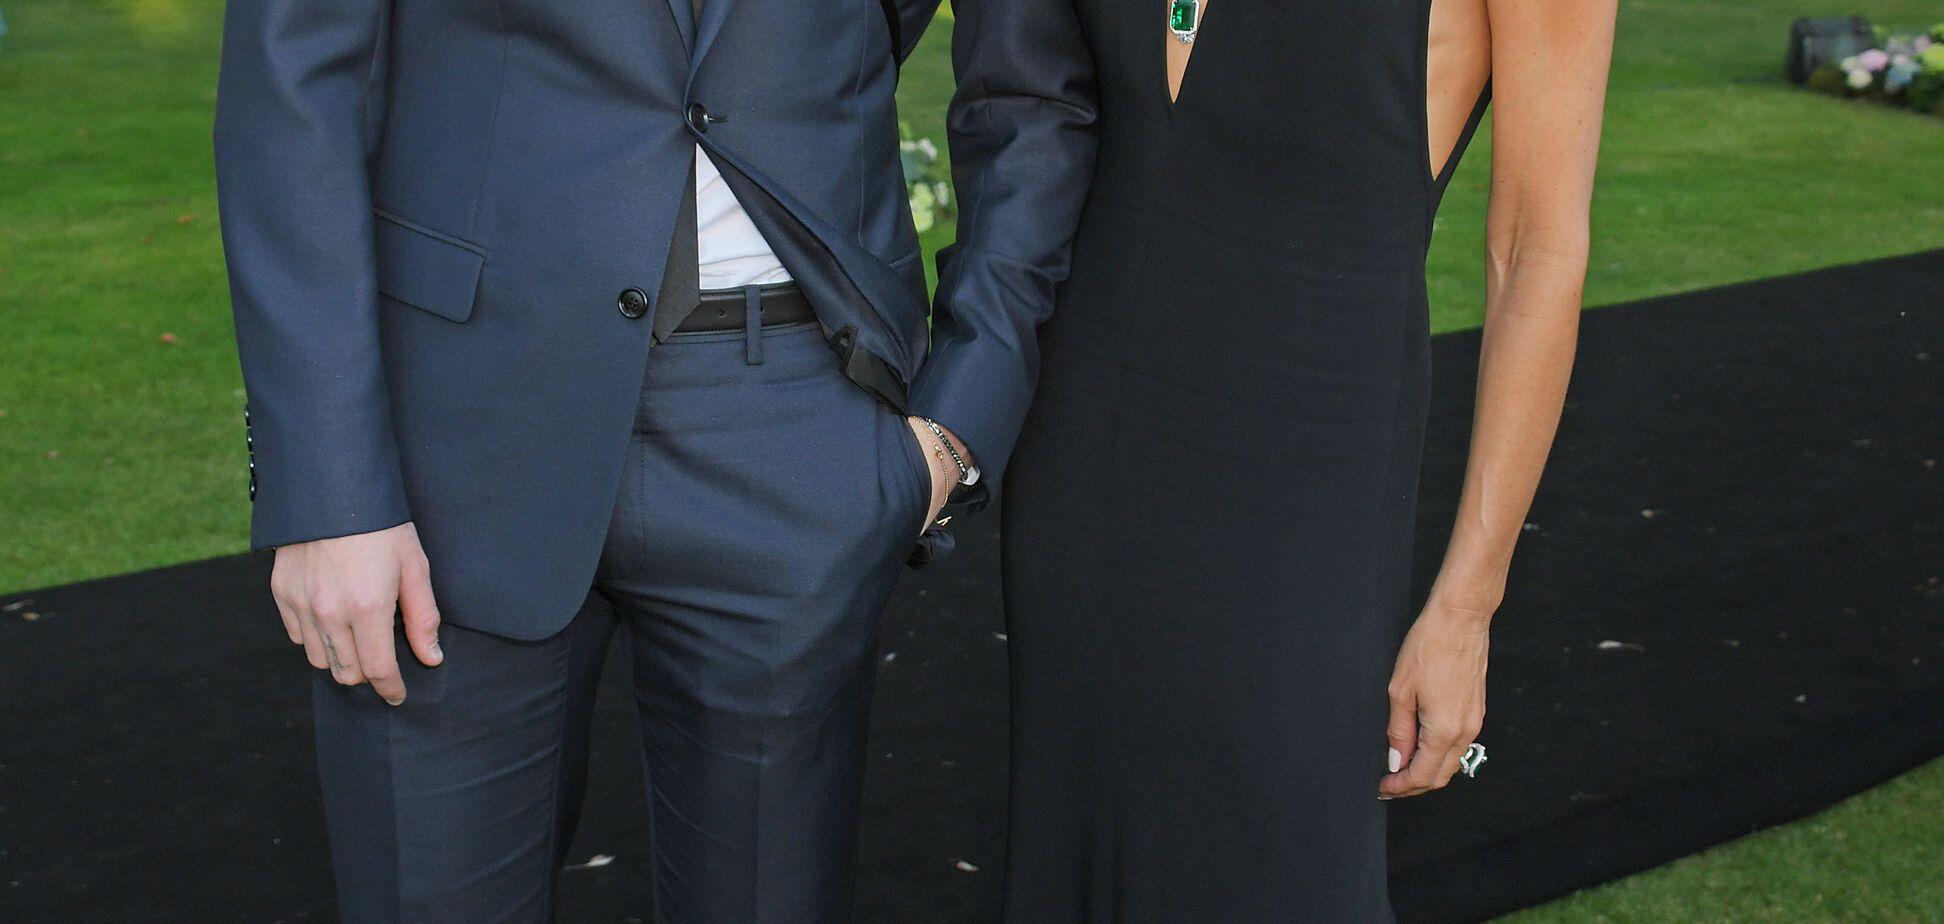 Виктория Бекхэм без бюстгальтера пришла на садовую вечеринку Элтона Джона